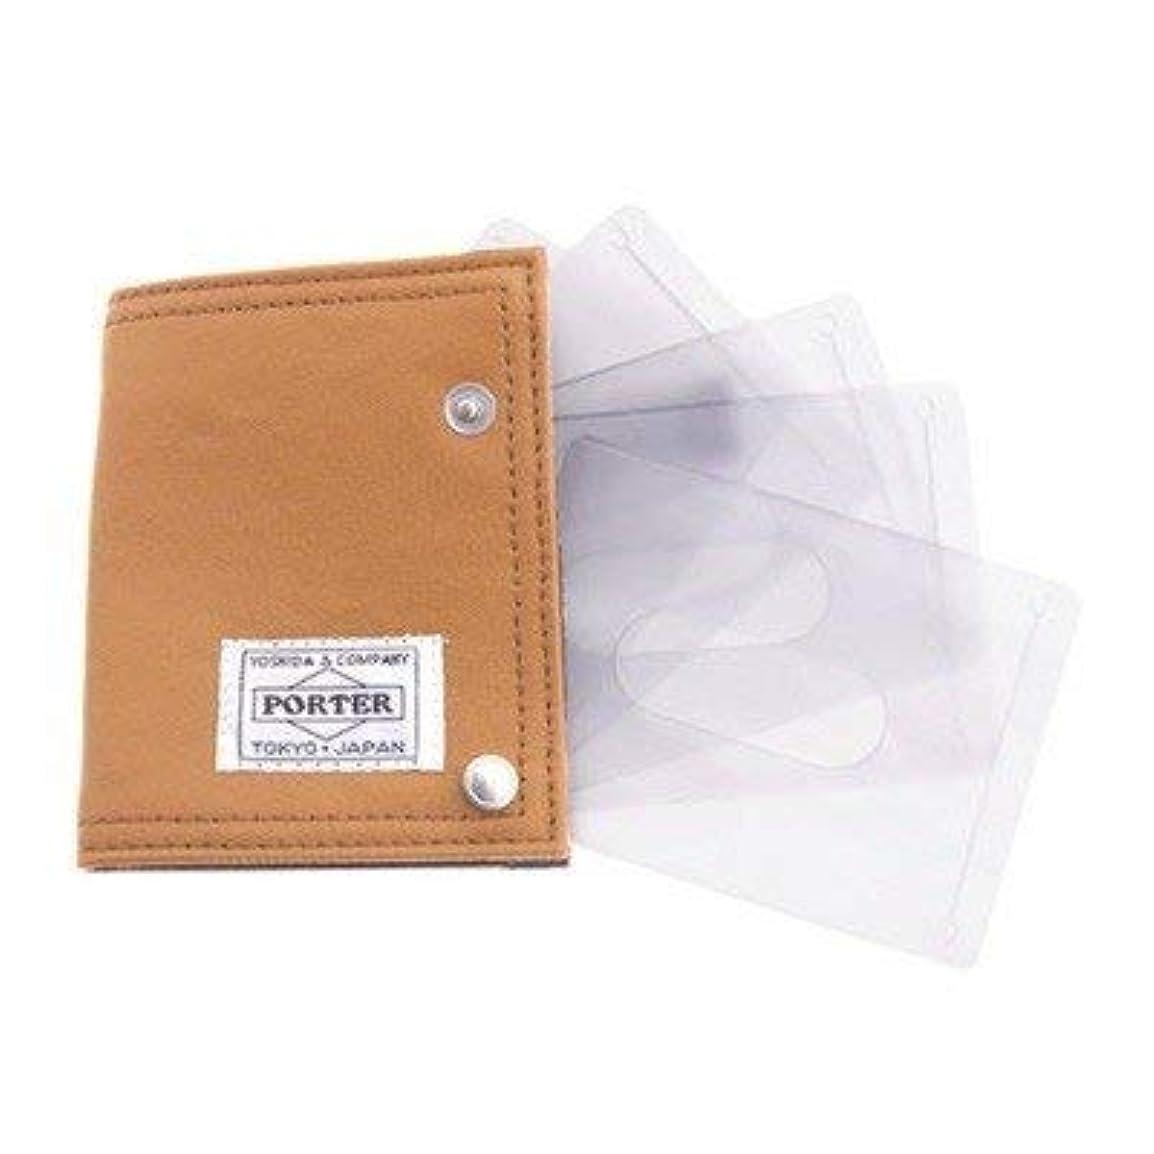 ロータリーのどこどもの宮殿(ポーター) PORTER カードケース [フリースタイル] 707-08228